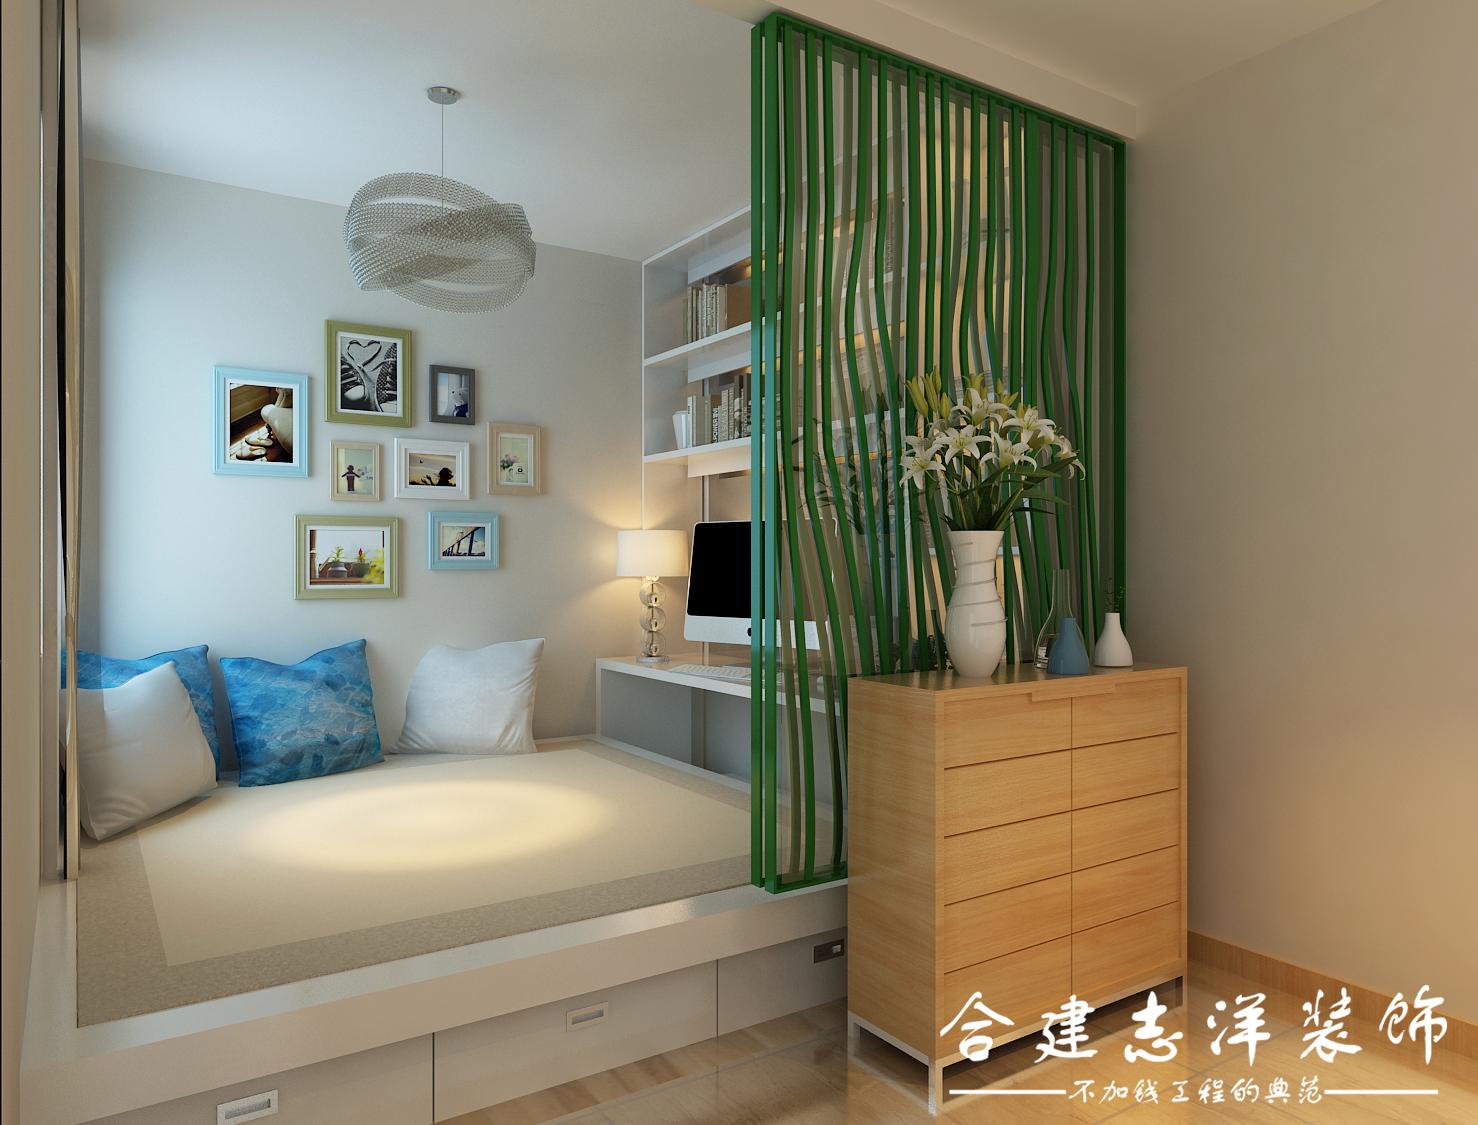 二居 简约 客厅图片来自贾凤娇在北京合建装饰建邦华庭89平的分享